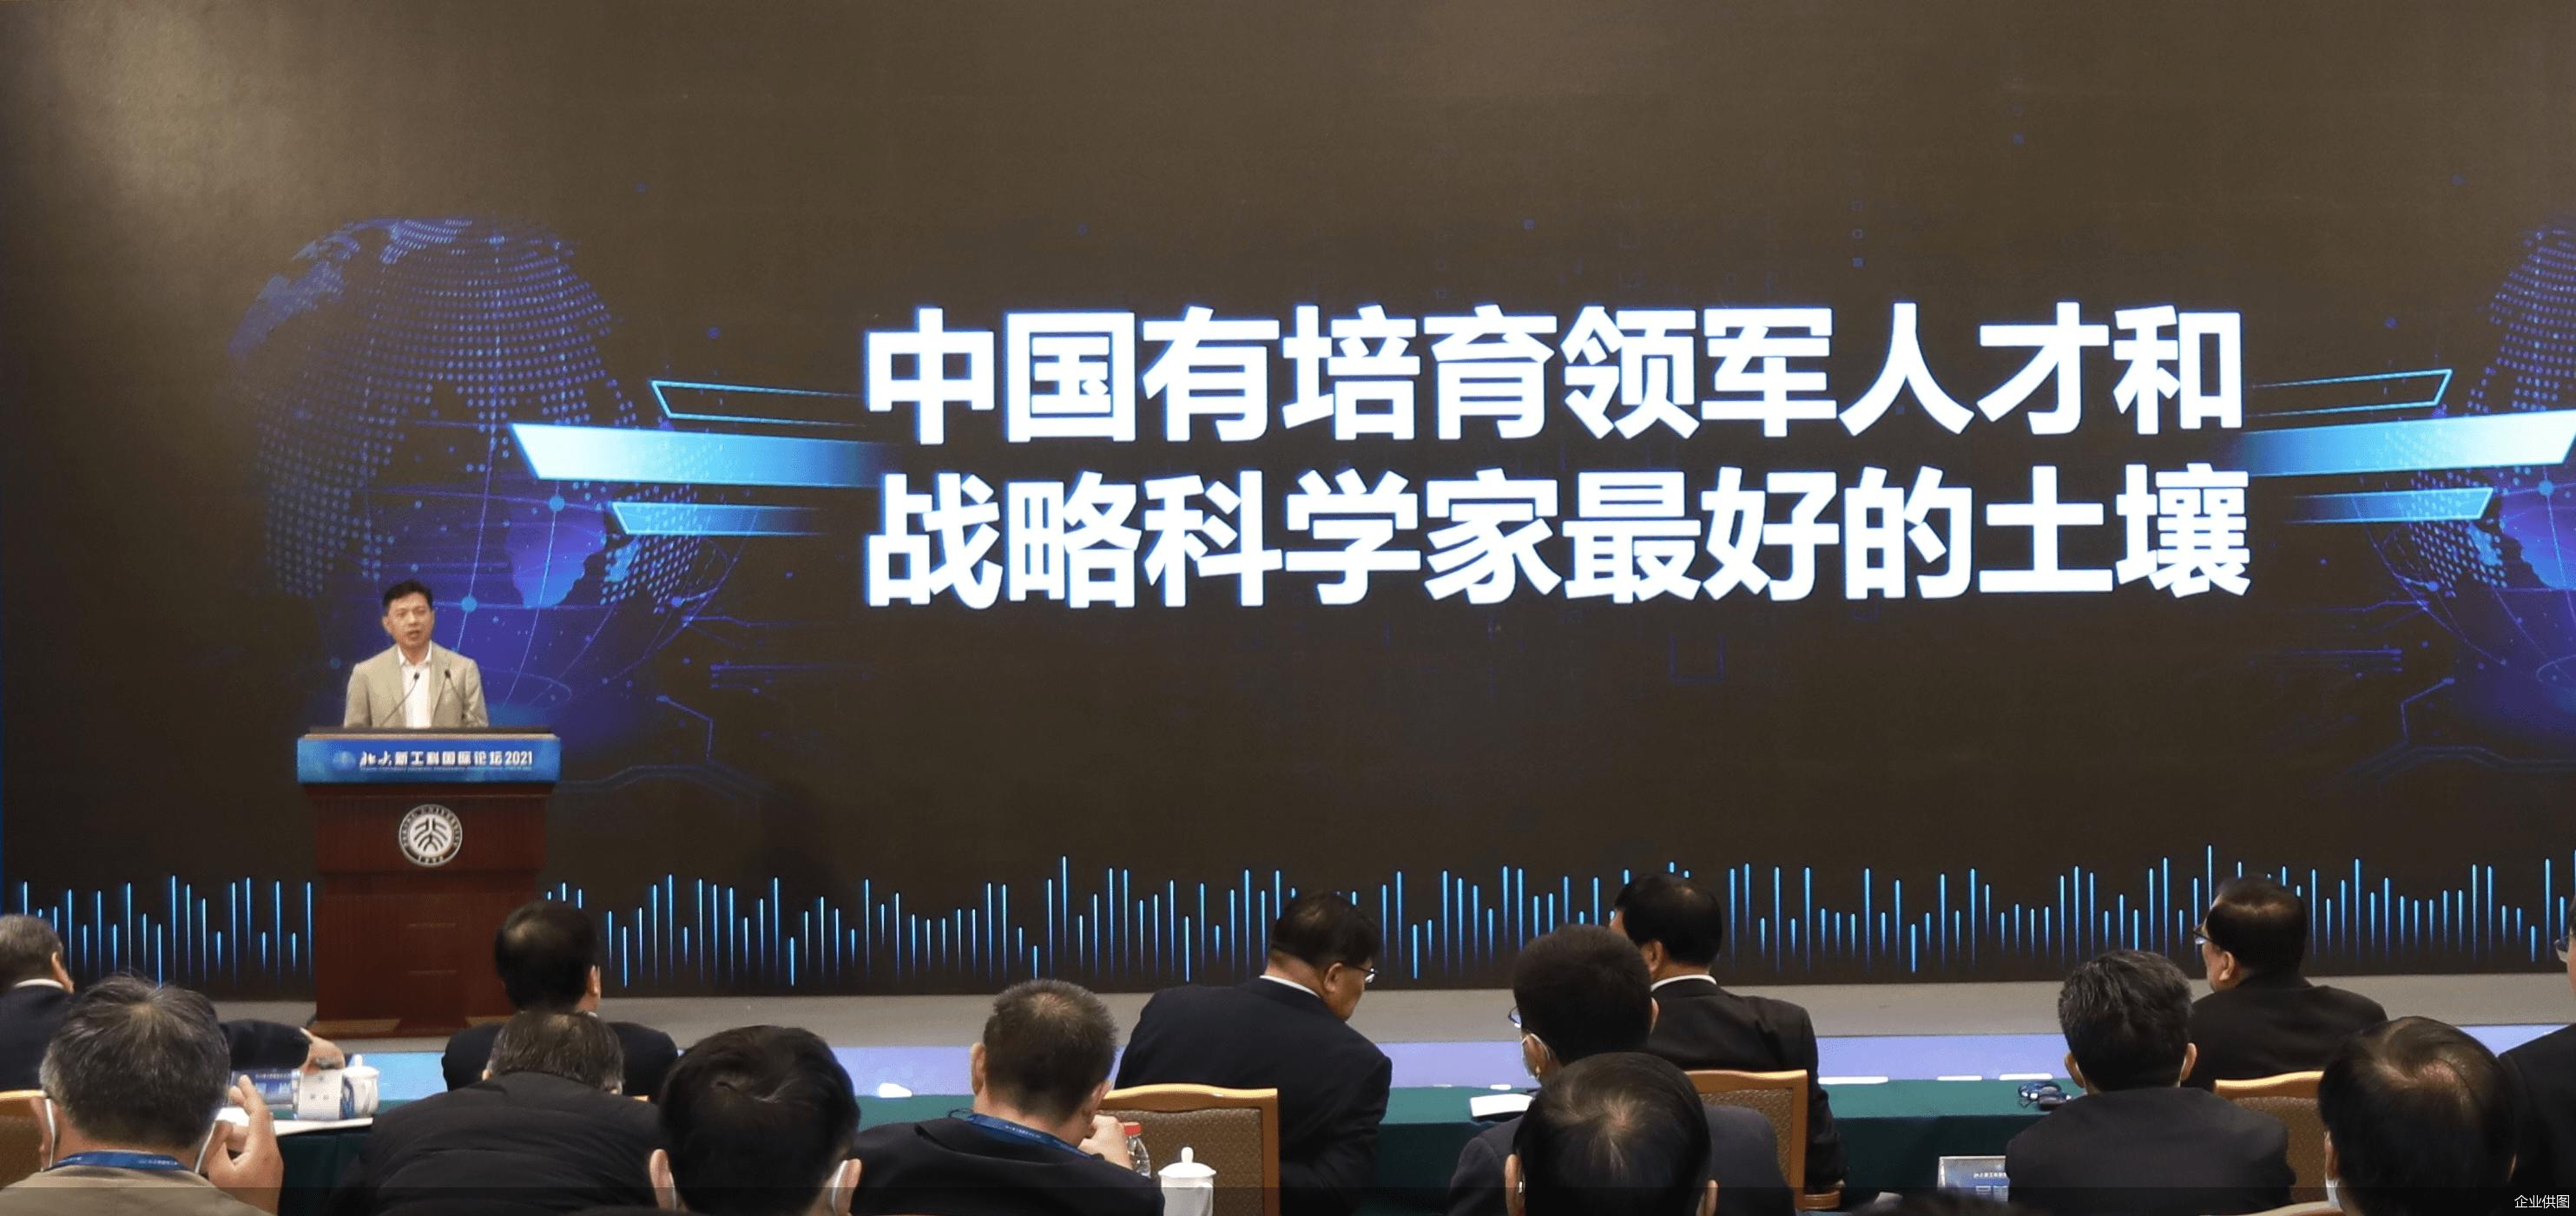 李彦宏:未来5年,百度将为社会培养500万AI人才